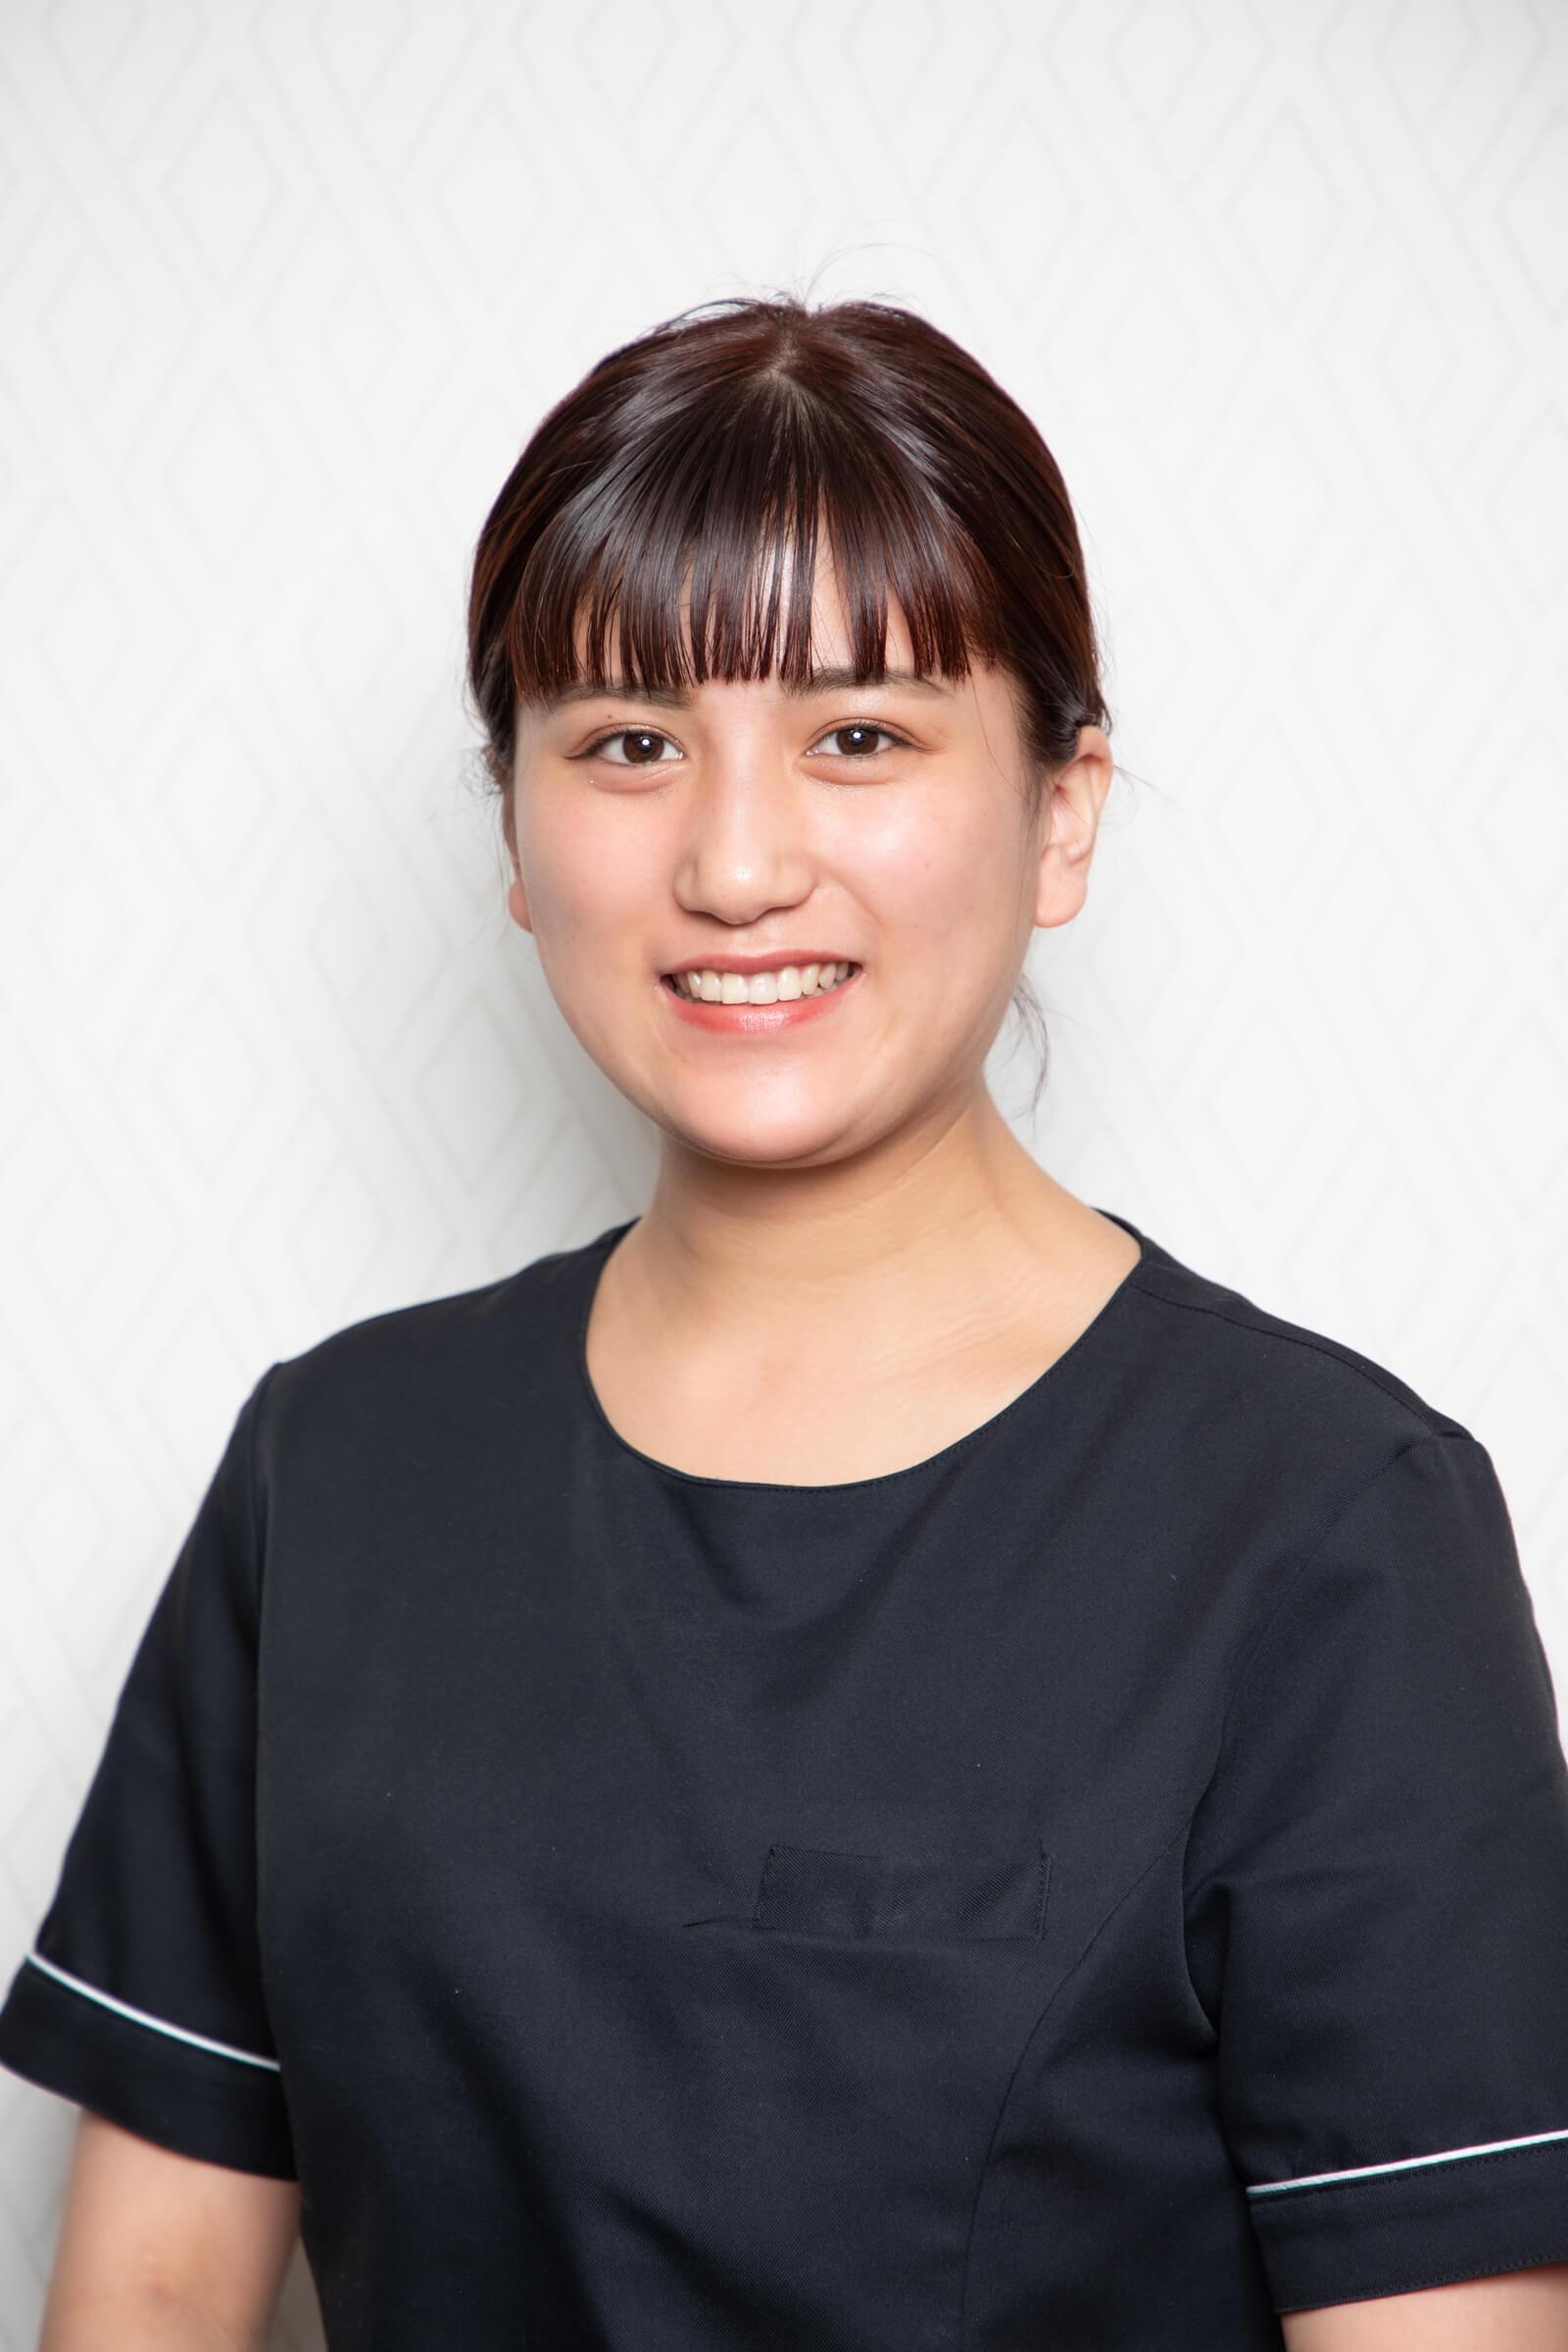 横浜のエステサロンAYAのスタッフ吉留凪紗